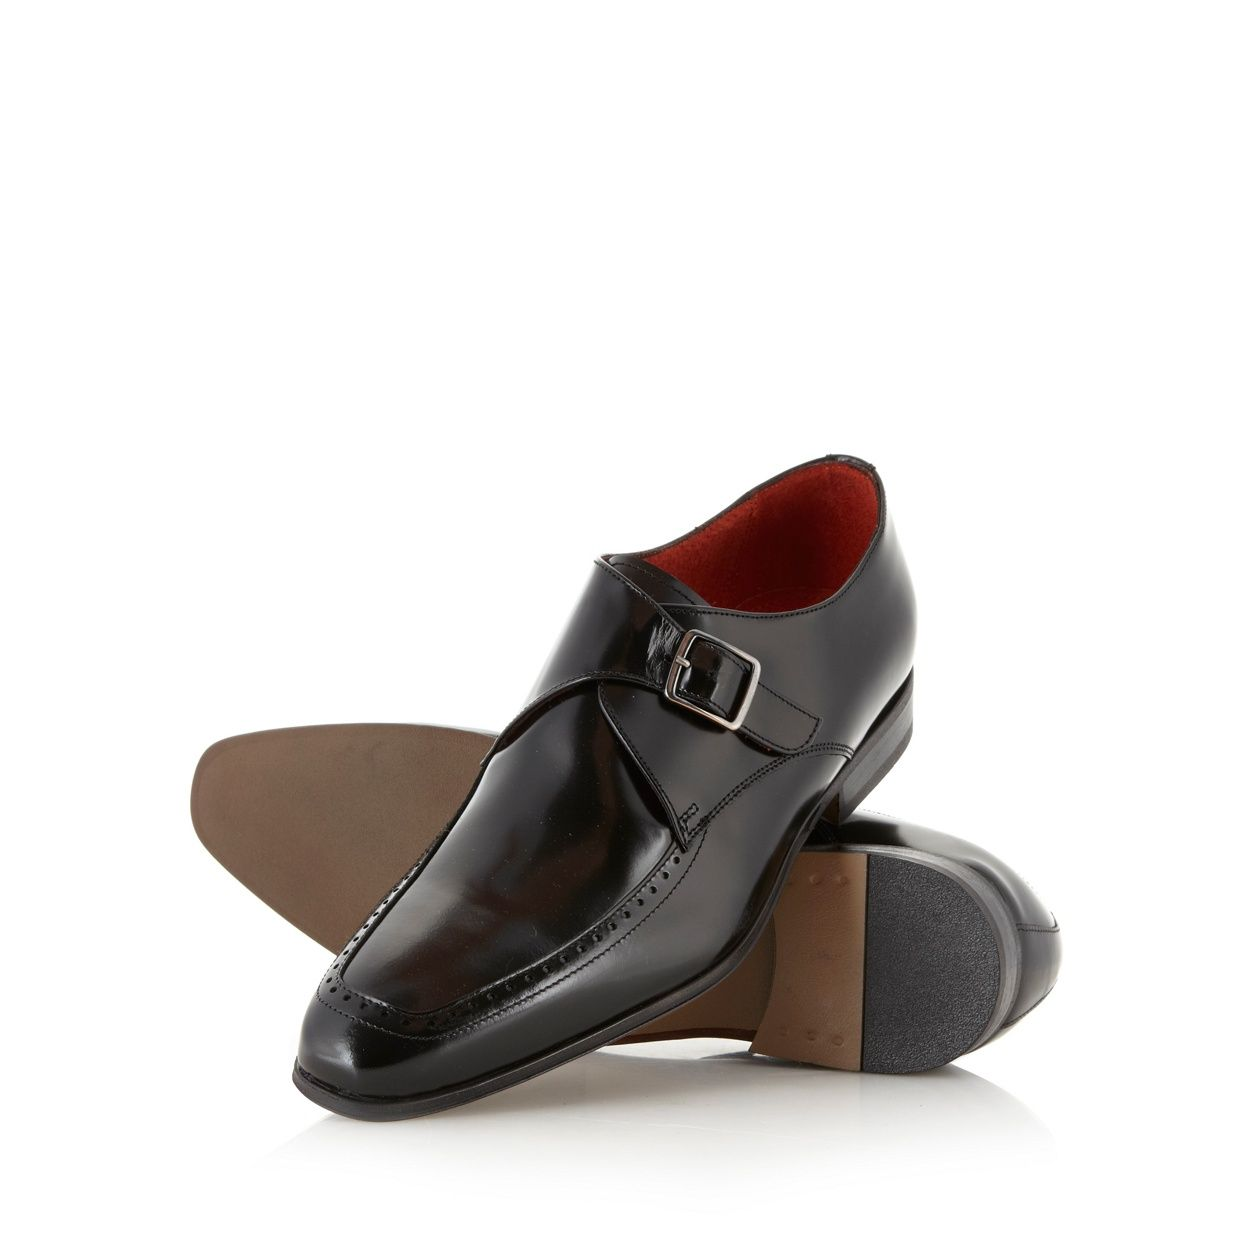 Designer black leather buckle shoes at